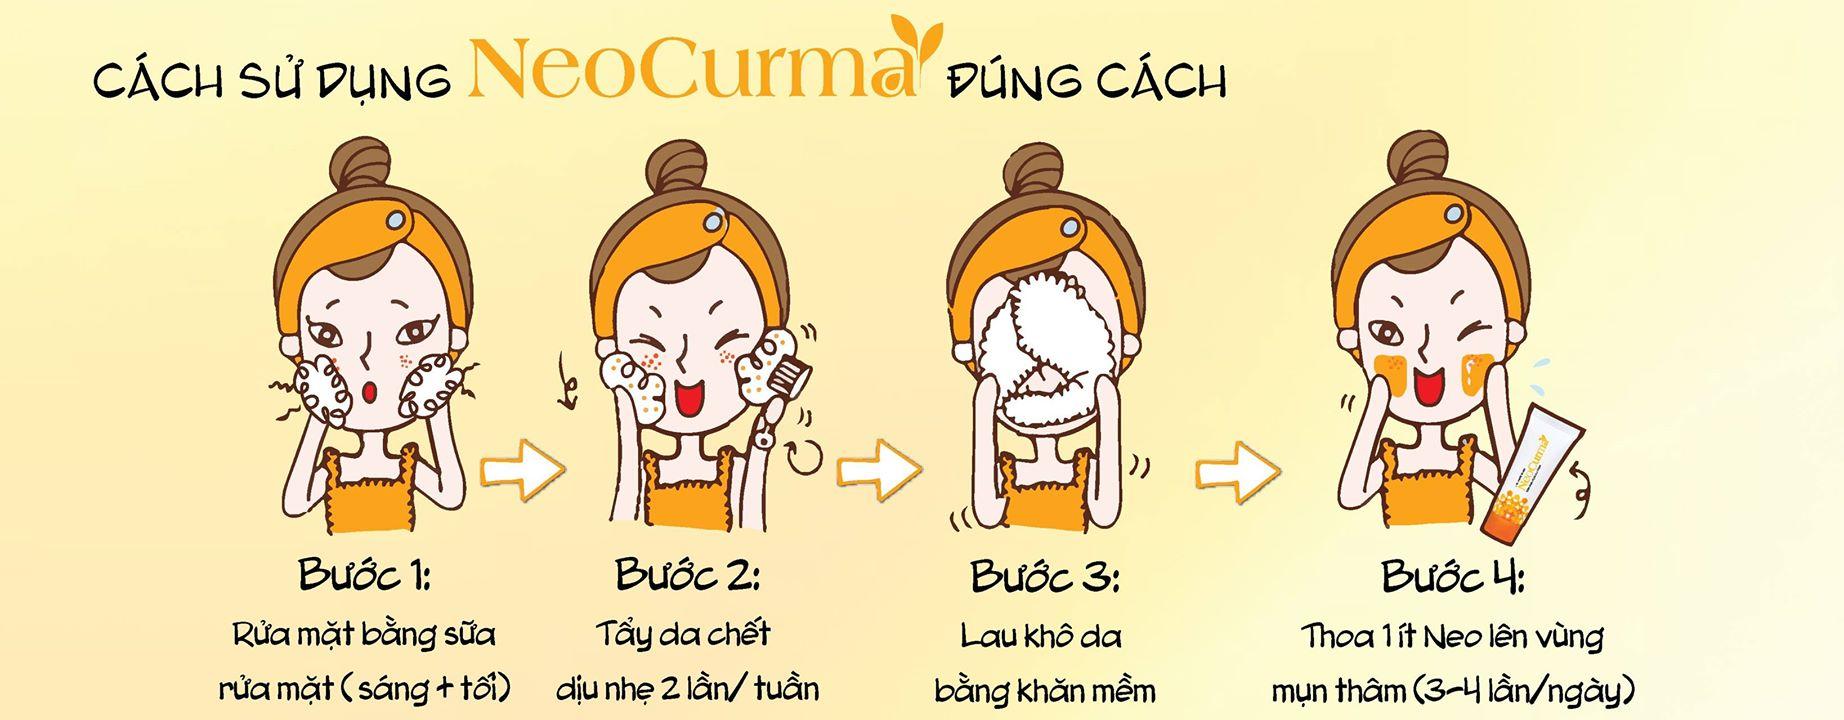 gel nghệ Neocurma